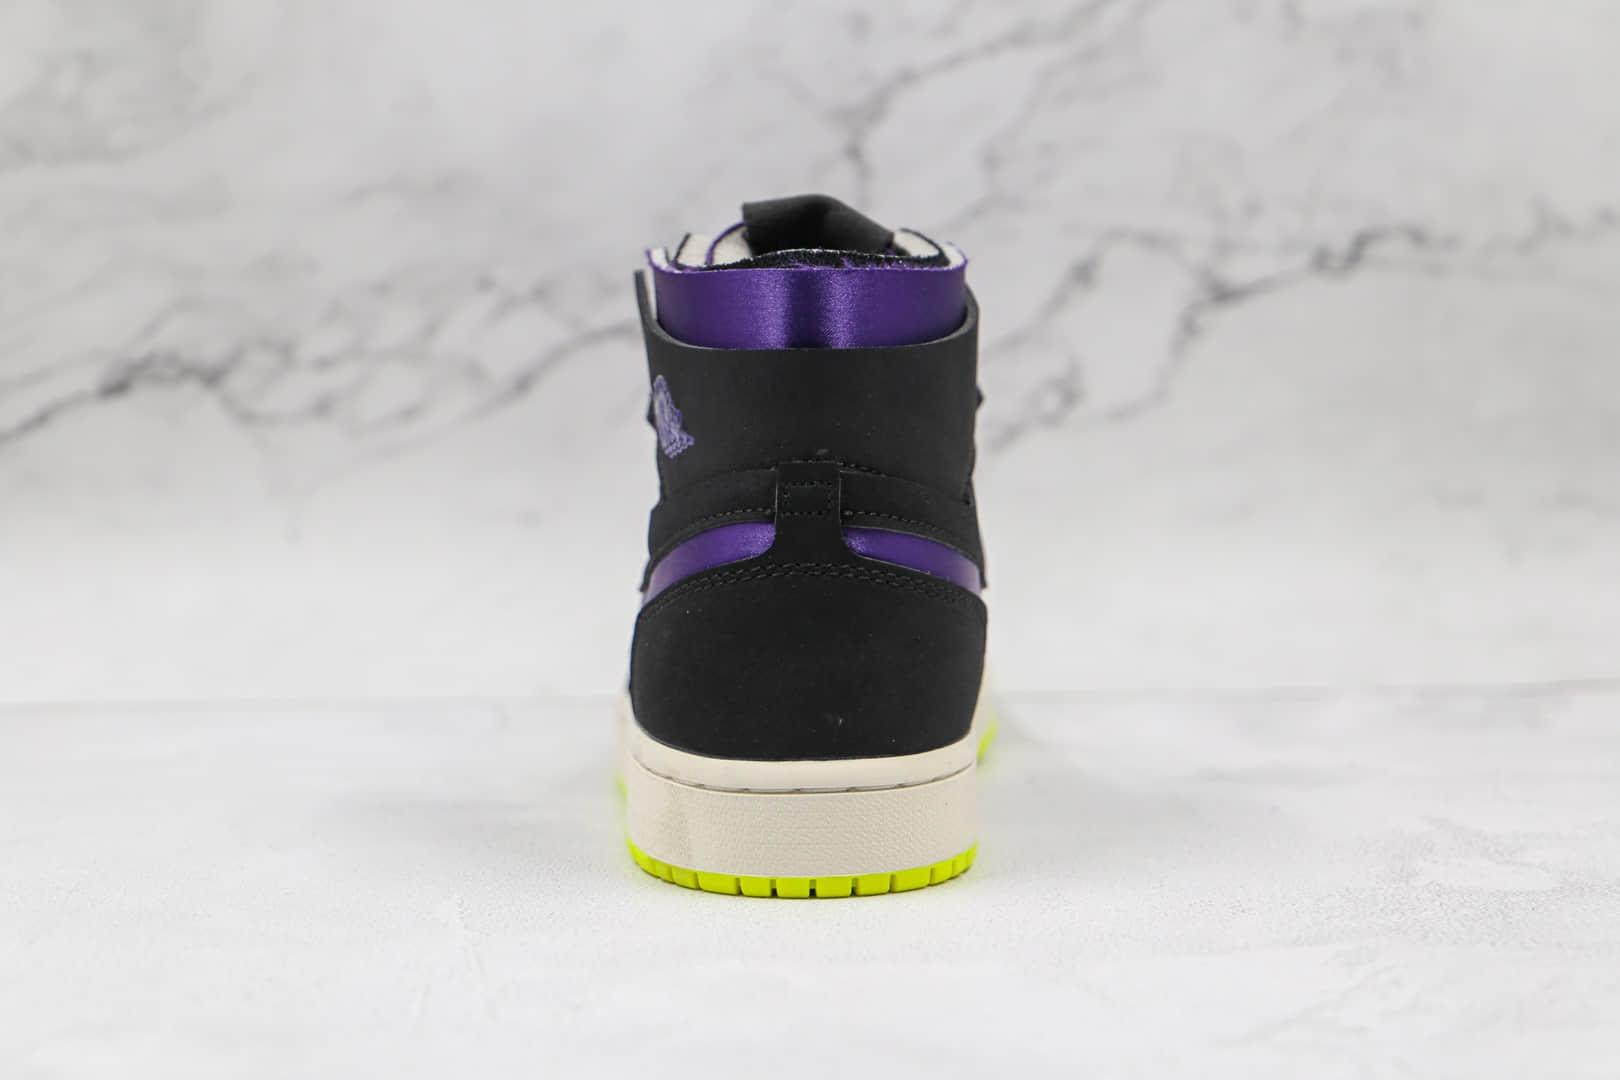 乔丹Air Jordan 1 Zoom Air CMFT Lemon Venom Plum Purple纯原版本高帮AJ1 Zoom黑紫柠檬毒液板鞋原楦头纸板打造 货号:CT0979-001